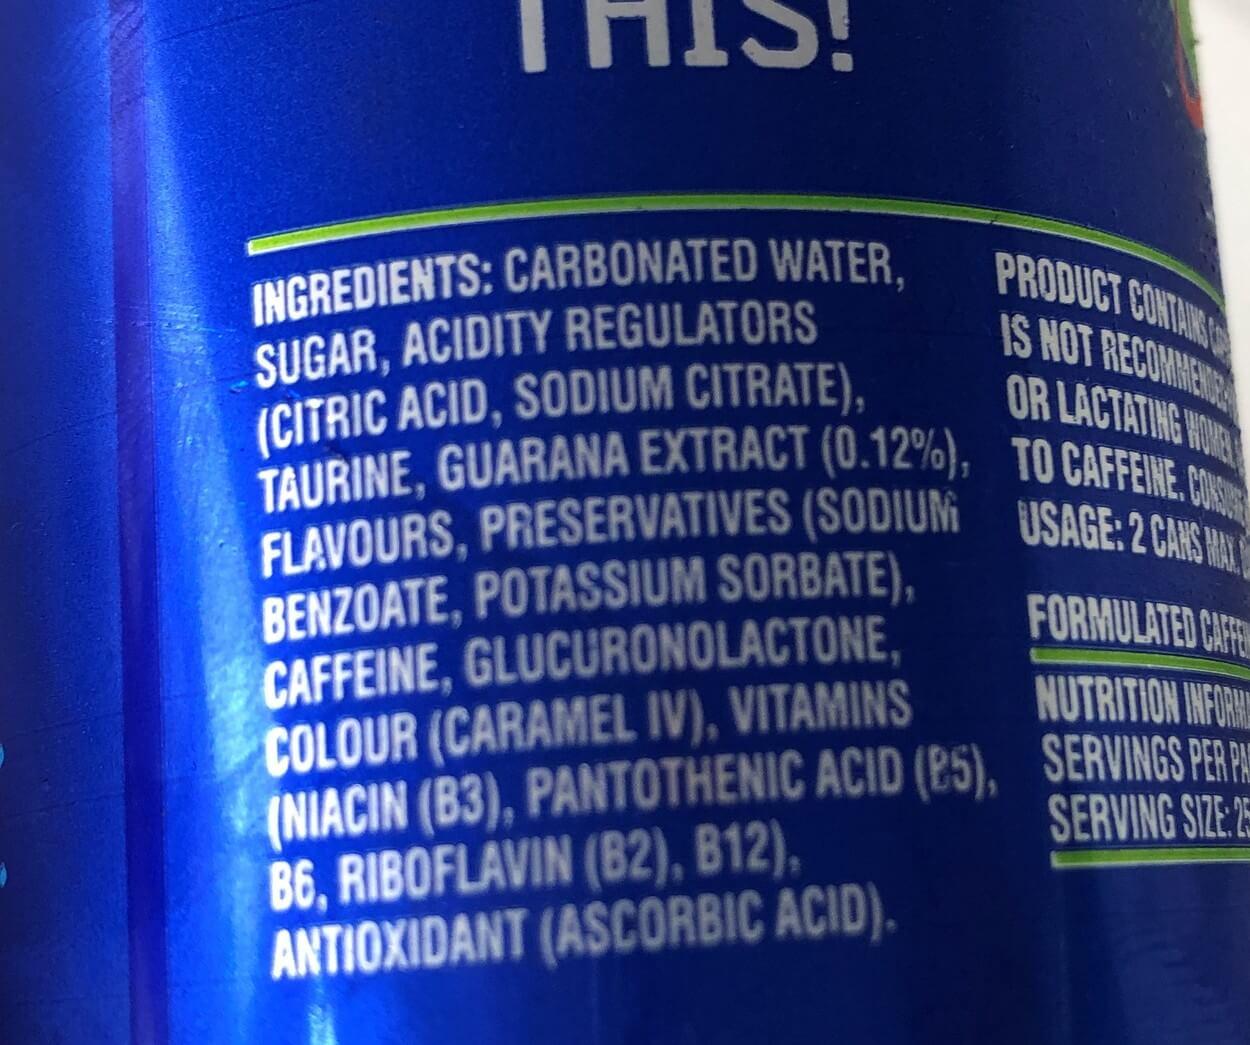 Ingredients list of Blue V.